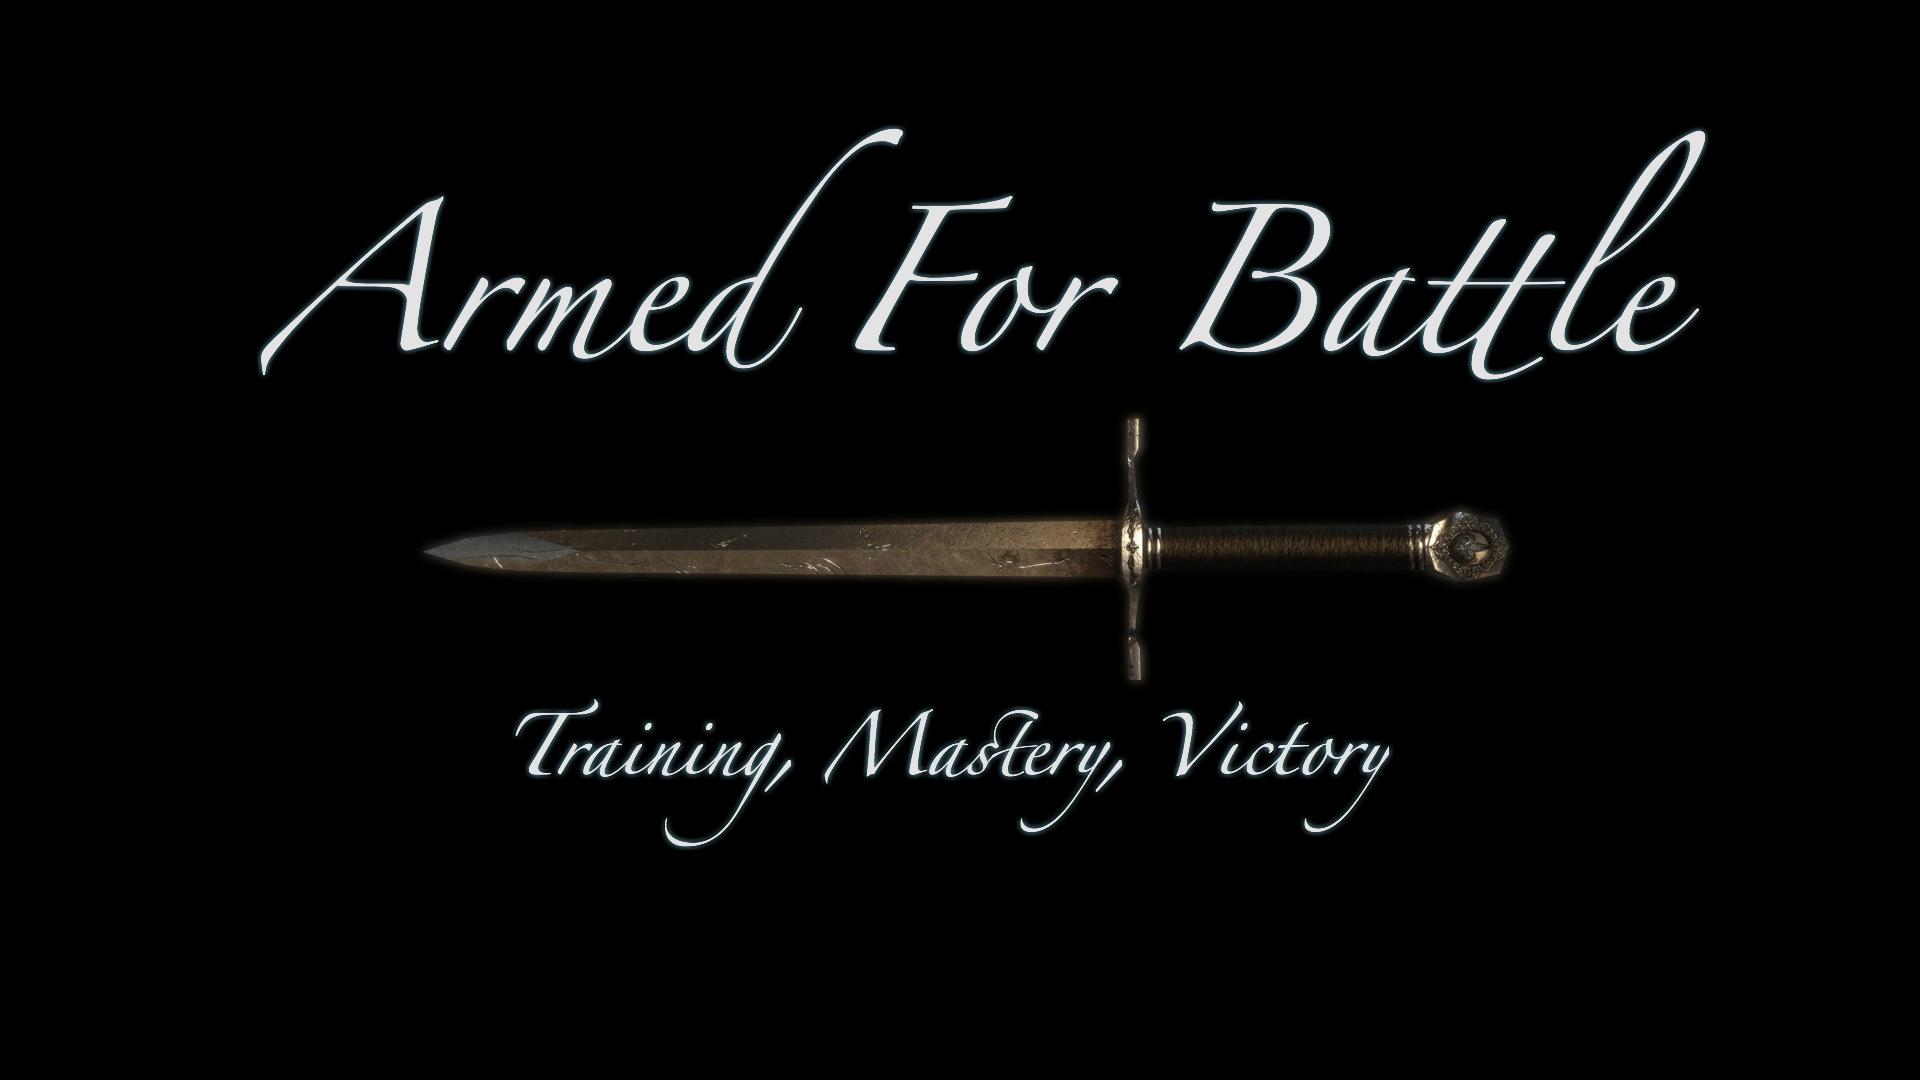 Armed For Battle.jpg